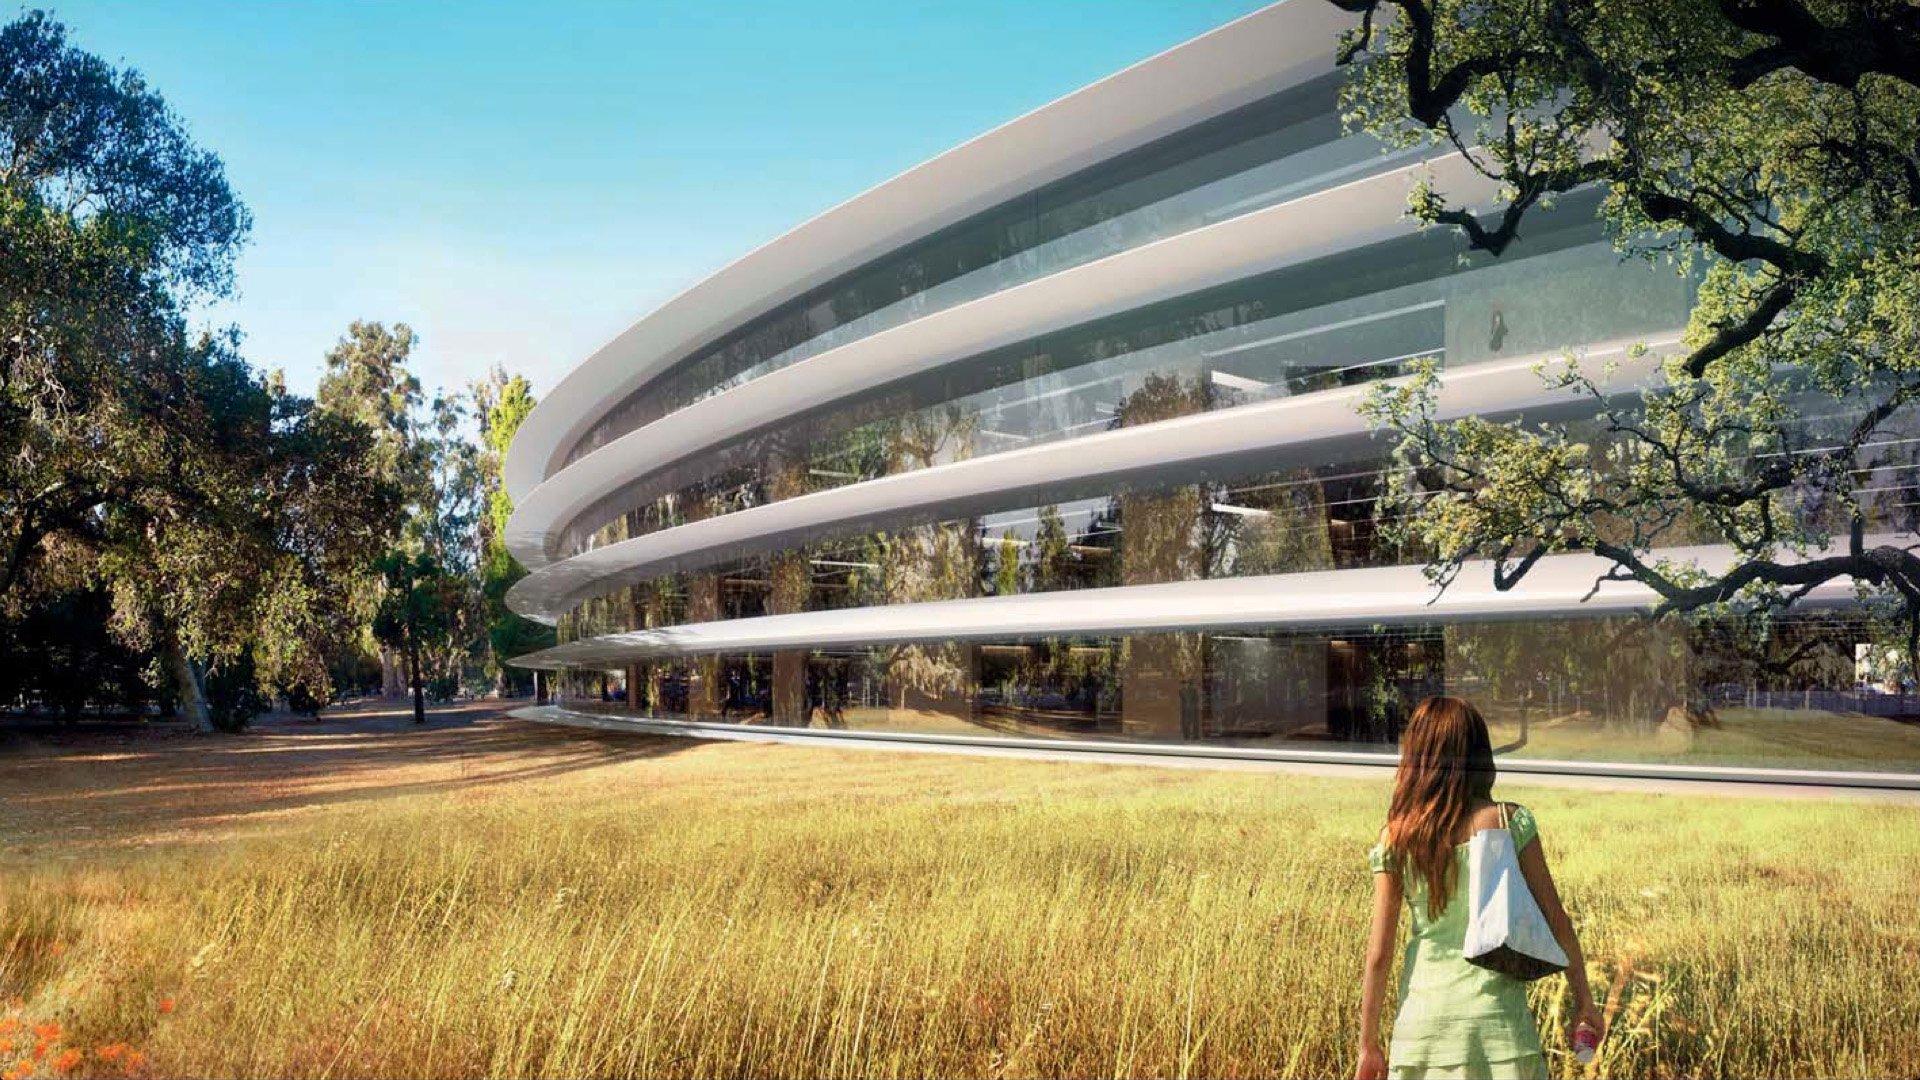 Dalle immagini e dai video effettuati con i droni sul cantiere dell Apple Campus 2 di Cupertino ¨ chiaro che ci² che di spettacolare ¨ stato mostrato dai